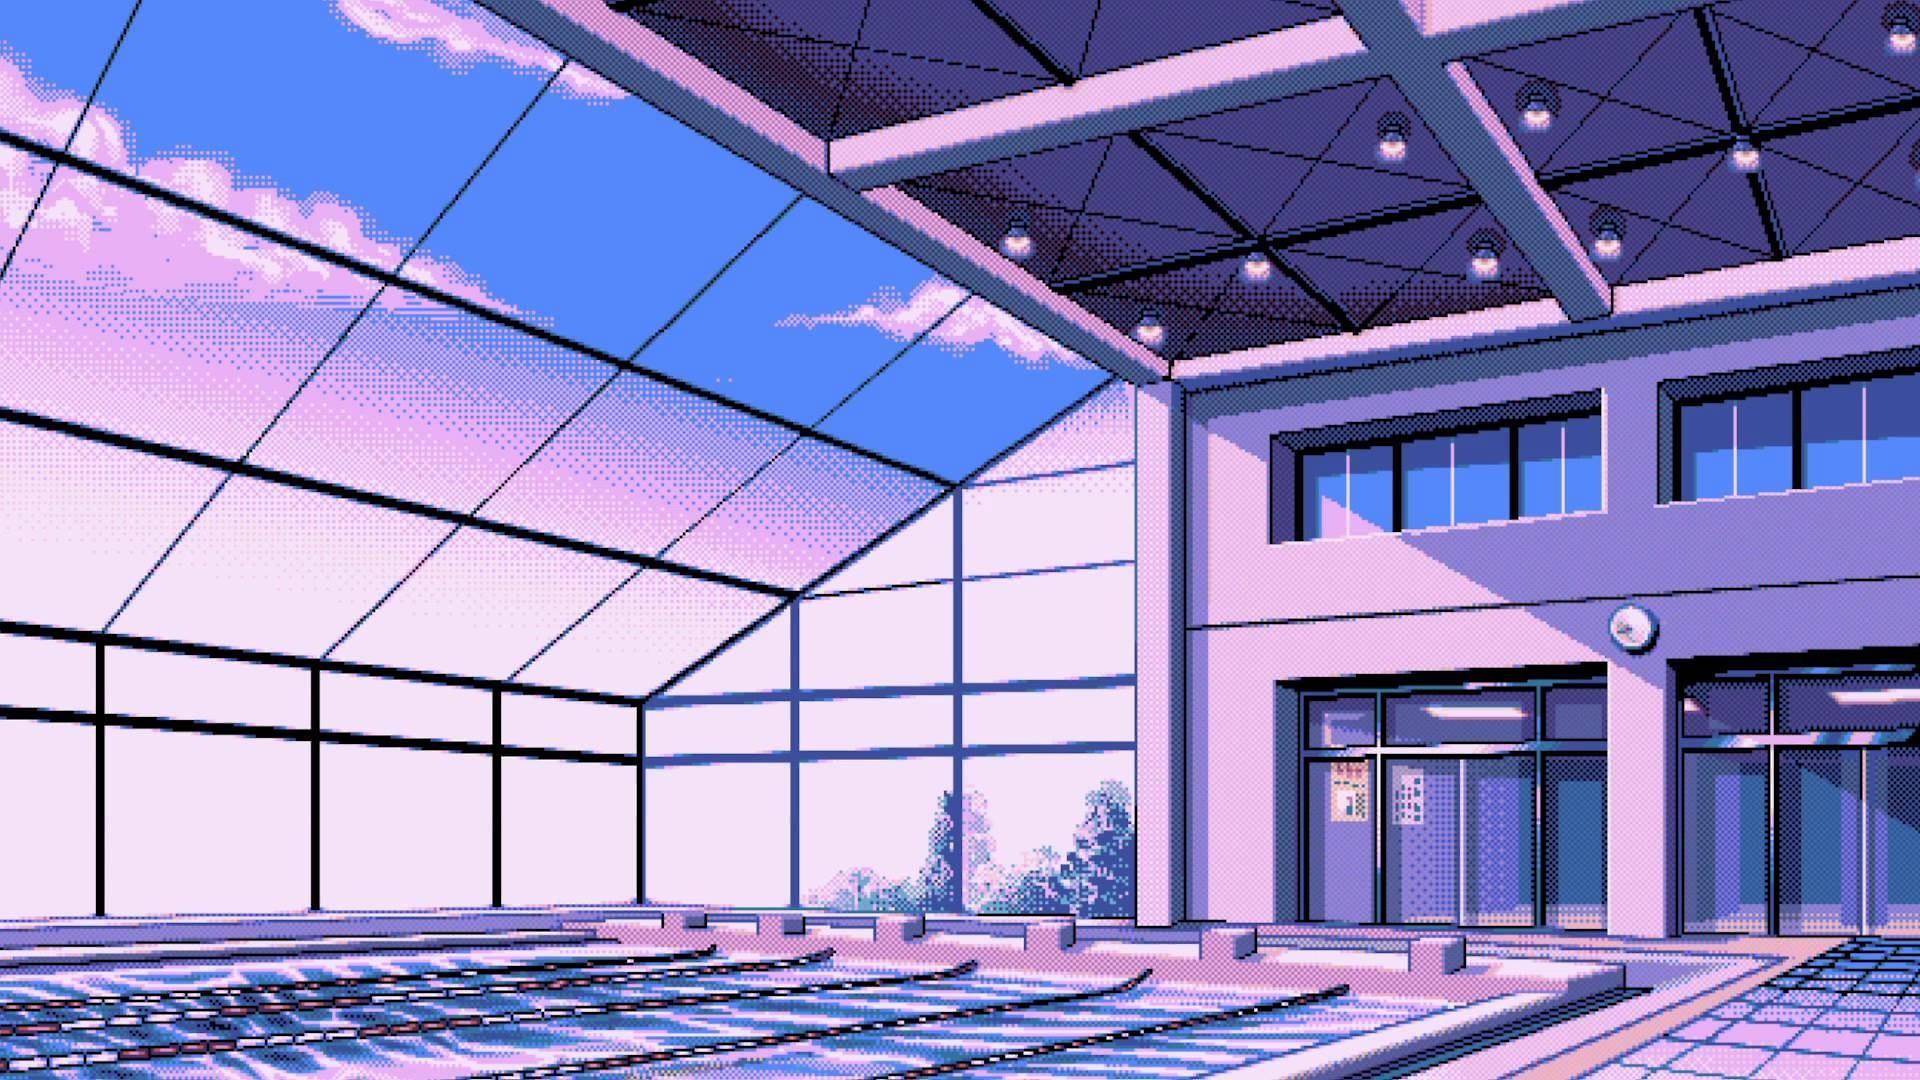 Fond d 39 cran fen tre architecture pixel art b timent for Architecture fenetre